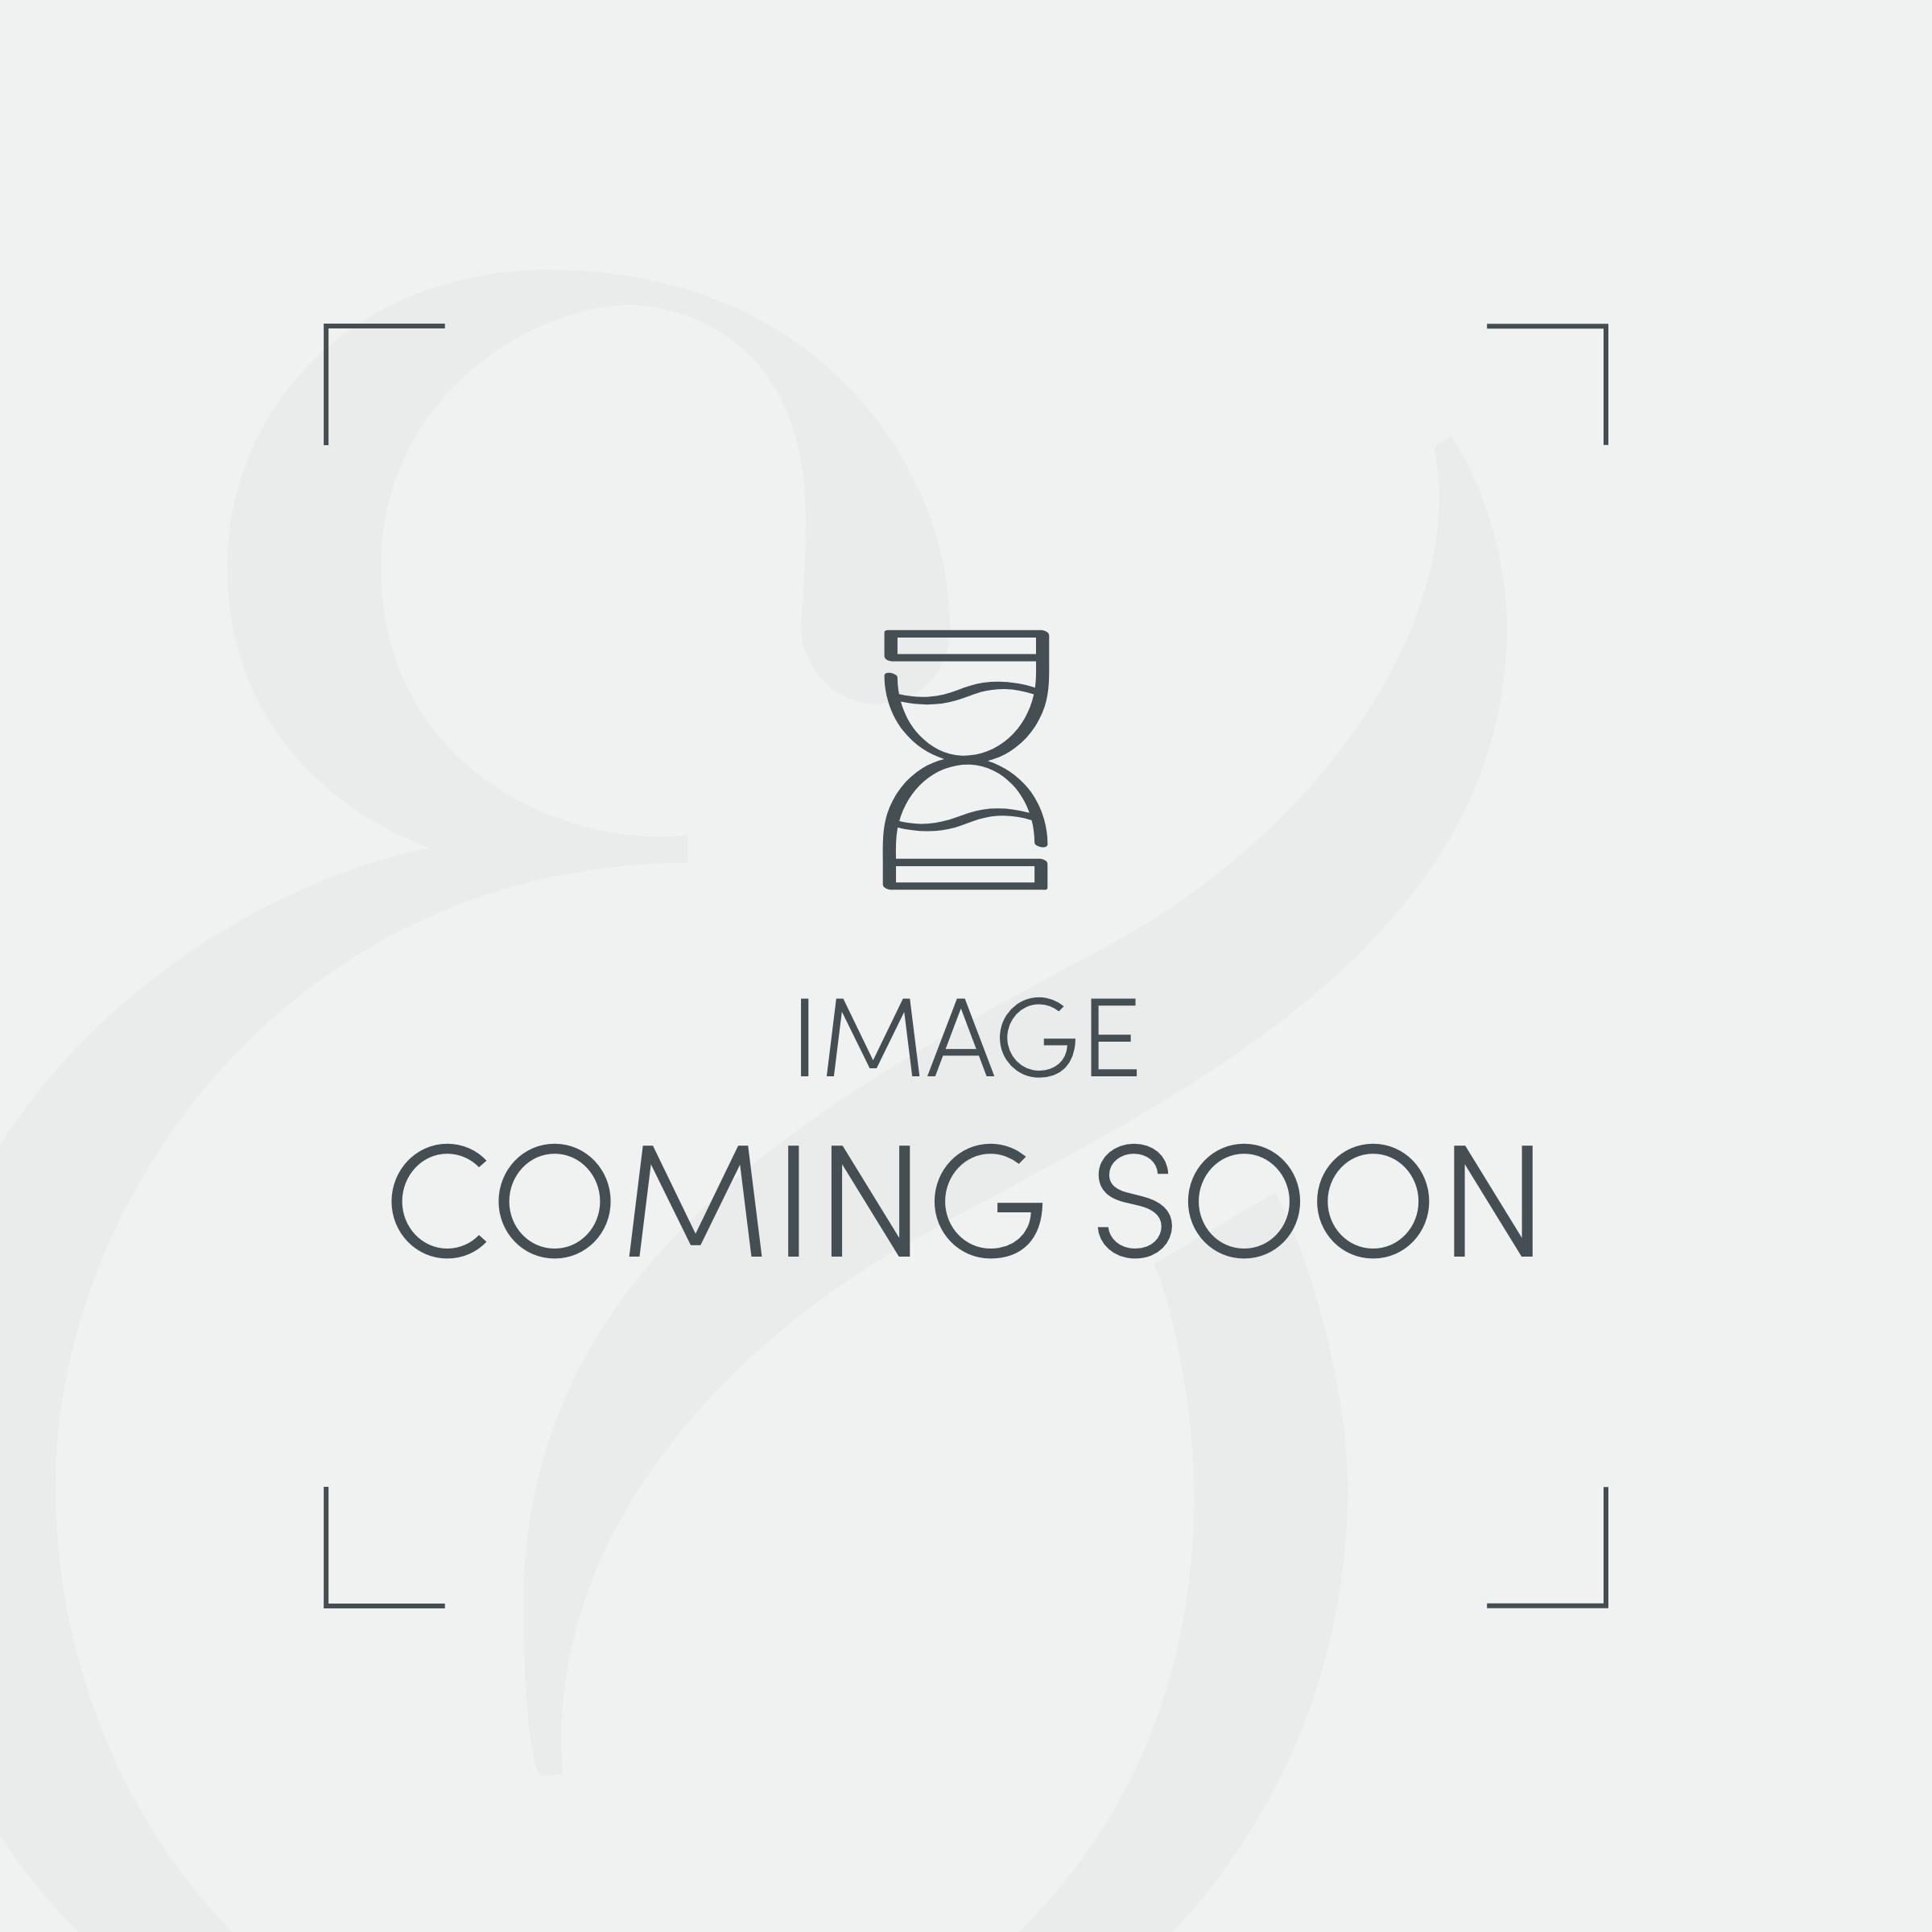 100% Natural Hemp Bundle - Chalk - Superking (Duvet Cover, Standard Fitted Sheet, Standard Oxford Pillowcase Pair)